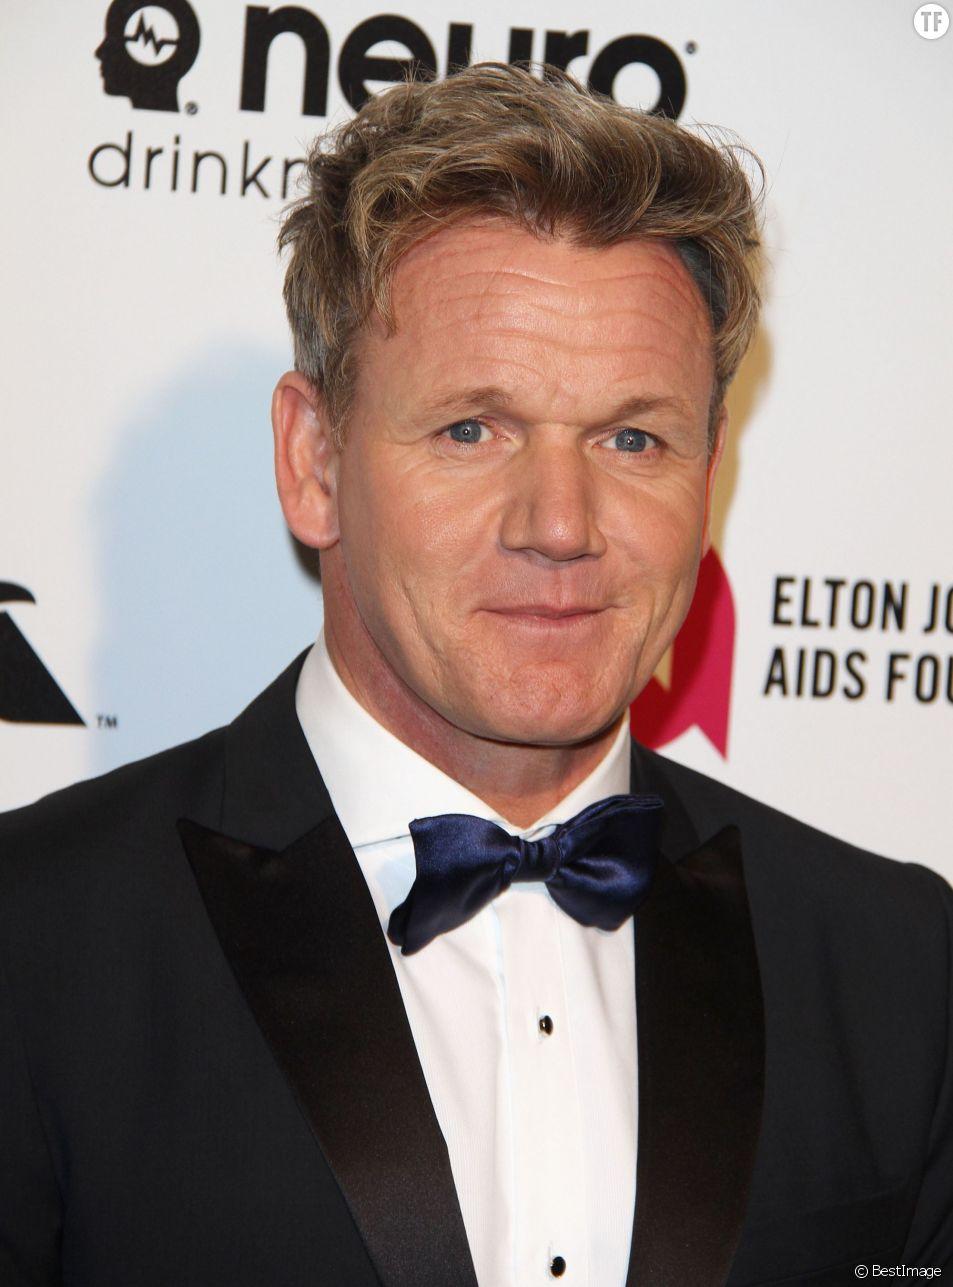 """Le britannique Gordon Ramsay prend les cuisines du restaurant du Grand hôtel de Bordeaux le Pressoir d'argent - Gordon Ramsay - Soirée """"Elton John AIDS Foundation Oscar Party"""" 2015 à West Hollywood, le 22 février 2015."""